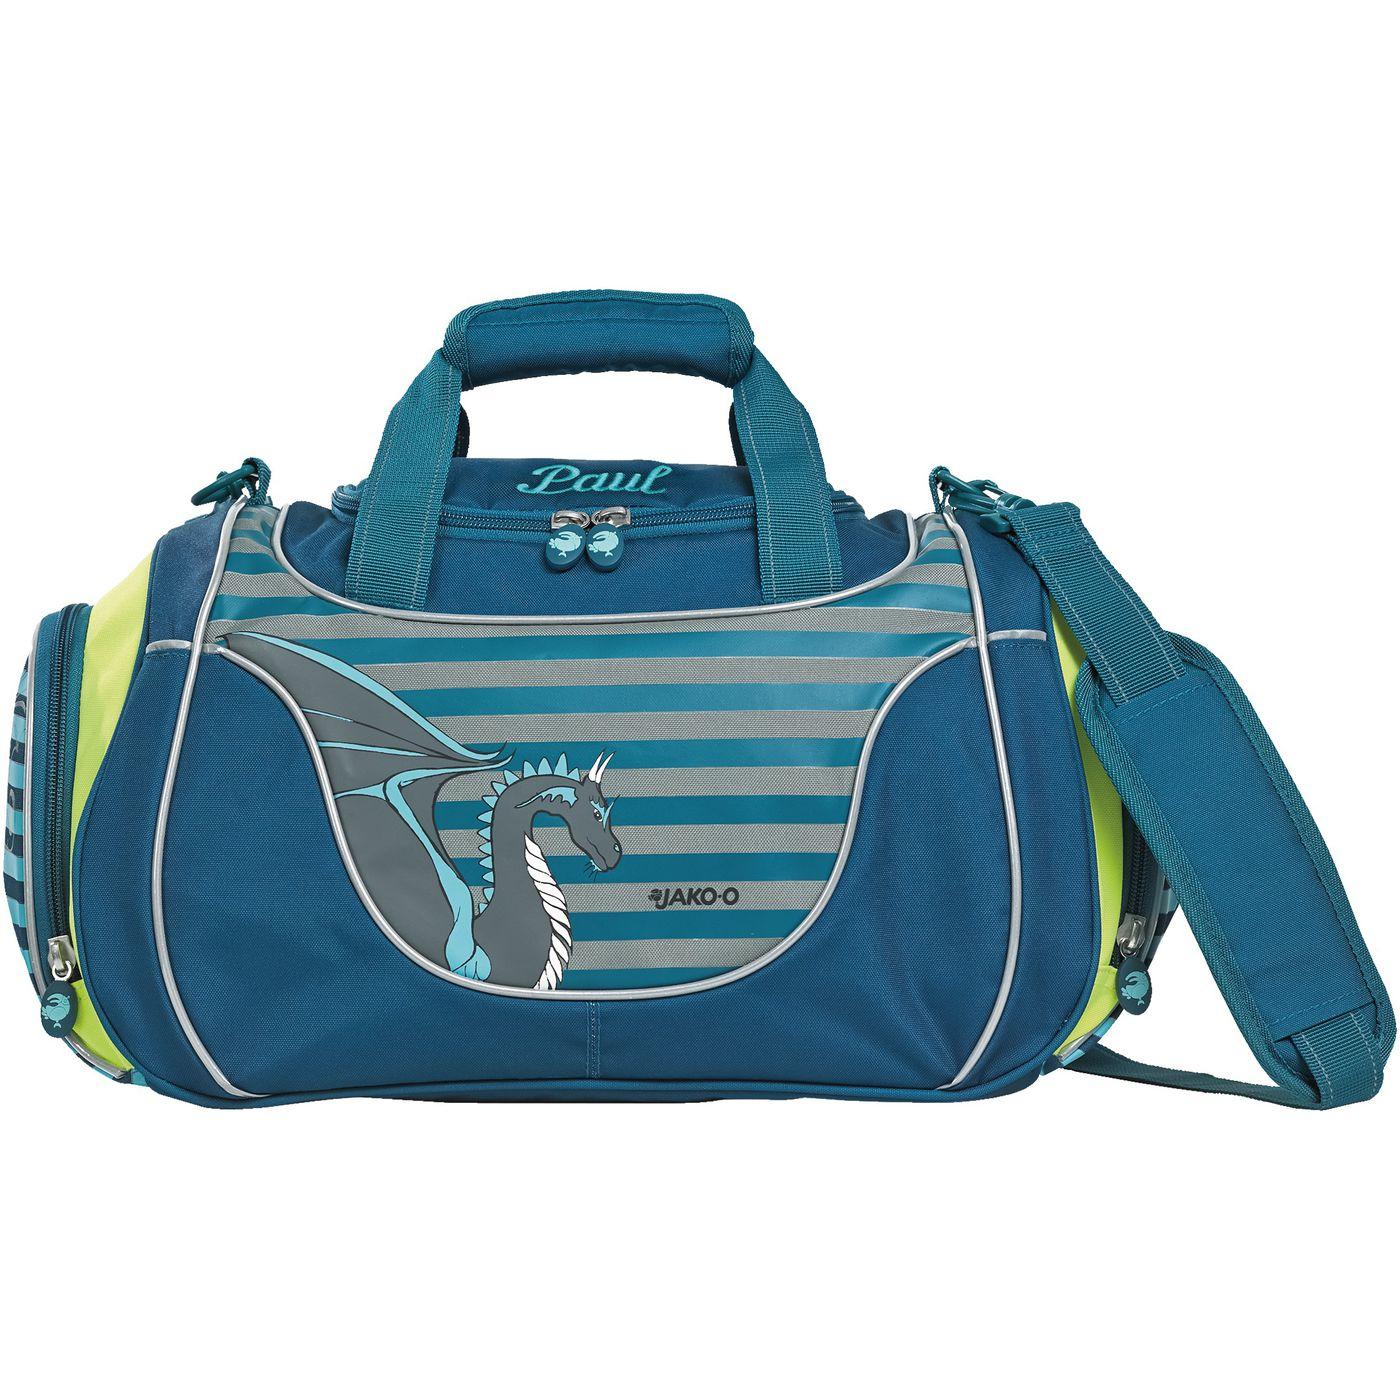 Спортивная сумка JAKO‑O